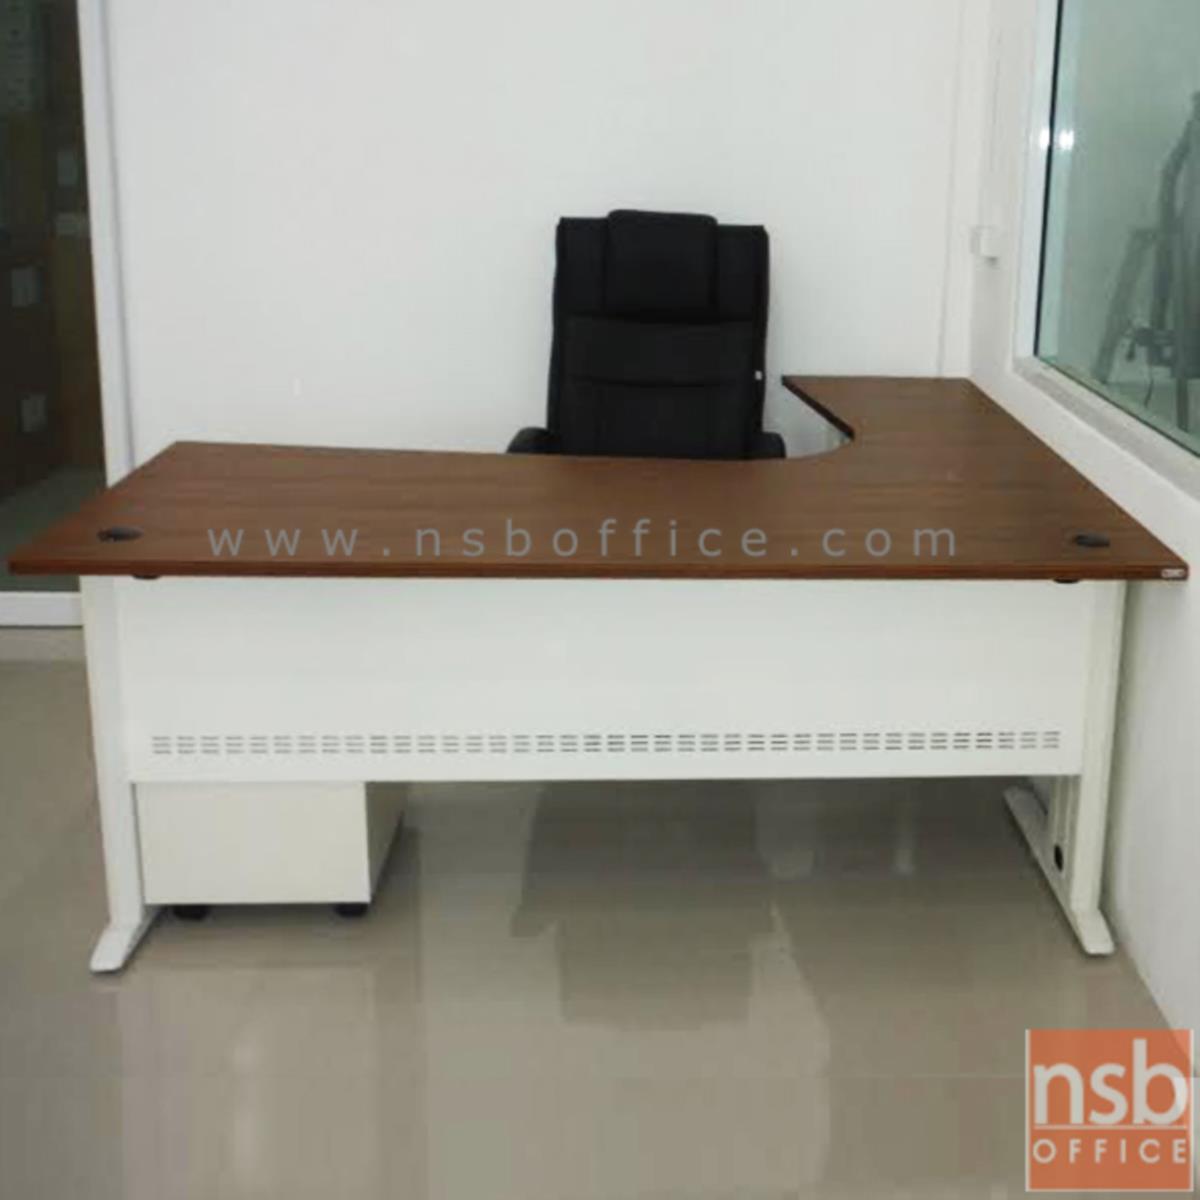 A34A008:โต๊ะทำงานตัวแอล รุ่น Bellerose (เบลล์โรส)  ขาเหล็กพ่นขาว สีซีบราโน่-ขาว